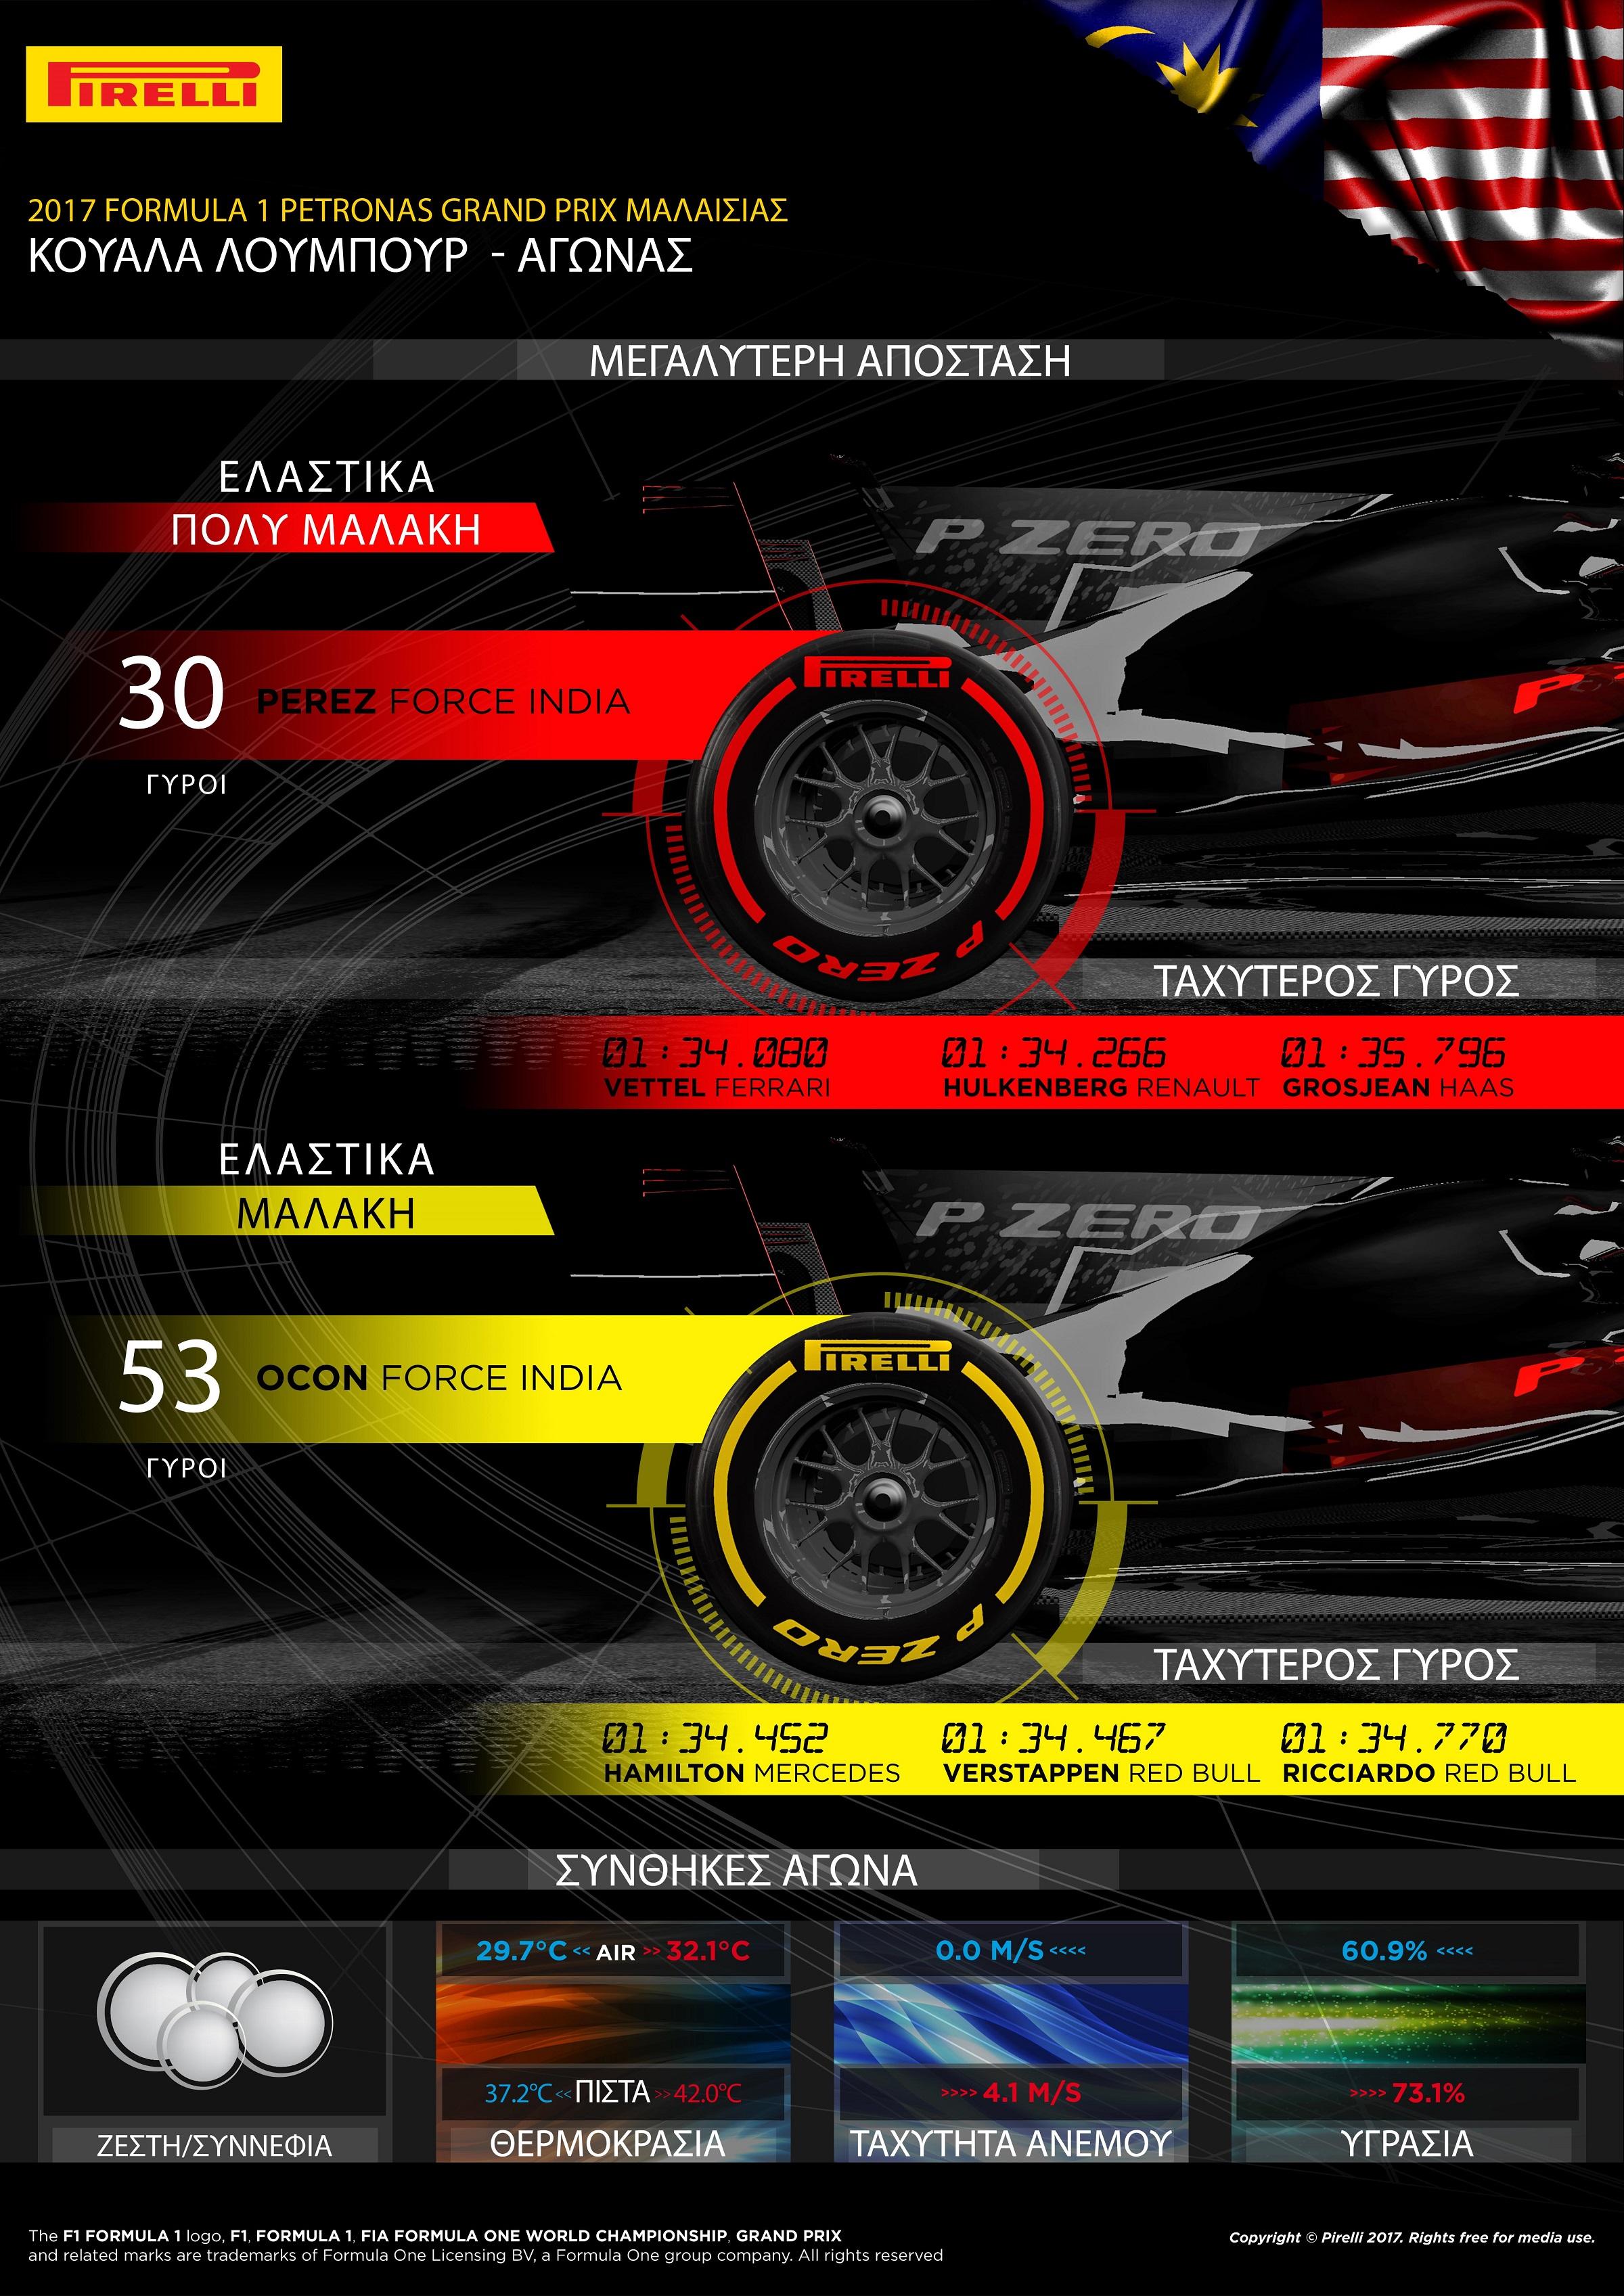 """Ο οδηγός της Red Bull, Max Verstappen κέρδισε στο Grand Prix της Μαλαισίας εκκινώντας από τη δεύτερη σειρά της εκκίνησης. Ο Ολλανδός έκανε μια αλλαγή ελαστικών από πολύ μαλακή σε μαλακή γόμα. Αυτή τη στρατηγική υιοθέτησαν όλοι οι πρωτοπόροι με μια μόνο αξιοσημείωτη εξαίρεση: Τον οδηγό της Ferrari, Sebastian Vettel, ο οποίος εξαπέλυσε μια φοβερή αντεπίθεση από την τελευταία θέση που εκκινούσε μέχρι την τέταρτη θέση που τερμάτισε. Ο Γερμανός εκκίνησε με τη μαλακή γόμα, προσπάθησε και κέρδισε θέσεις προτού βάλει την ταχύτερη πολύ μαλακή γόμα στον 28ο γύρο. Στον ίδιο γύρο ο Verstappen άλλαξε από πολύ μαλακή σε μαλακή γόμα. Ο Vettel αξιοποίησε την έξτρα ταχύτητα της πολύ μαλακής γόμας για να τερματίσει τελικά στην 4η θέση. MARIO ISOLA – ΕΠΙΚΕΦΑΛΗΣ ΑΓΩΝΩΝ ΑΥΤΟΚΙΝΗΤΟΥ """"Οι ελεύθερες δοκιμές επηρεάστηκαν από τον καιρό και μια κόκκινη σημαία οπότε οι ομάδες την ώρα του αγώνα, ακόμη υπολόγιζαν πόσο φθείρονται τα ελαστικά στις μεγάλες αποστάσεις. Αυτή ήταν η κύρια πρόκληση στον αγώνα. Επιπλέον οι θερμοκρασίες οδοστρώματος – 40 βαθμούς Κελσίου – ήταν σχετικά χαμηλές για τα δεδομένα της Μαλαισίας οπότε η φθορά ήταν χαμηλή και για τις δυο γόμες. Έτσι τα μέρη αγώνα μπορούσαν να μεγαλώσουν. Όλοι οι πρωτοπόροι επέλεξαν την ίδια στρατηγική μιας αλλαγής από πολύ μαλακή σε μαλακή γόμα. Ένα από τα εντυπωσιακά σημεία του αγώνα ήταν η προσπάθεια του Vettel ν' ανέβει από την τελευταία θέση υιοθετώντας μια εναλλακτική στρατηγική, εκκίνησε με τη μαλακή γόμα. Ο οδηγός της Force India, Esteban Ocon αναγκάστηκε ν' αλλάξει ελαστικά στην αρχή λόγω κλαταρίσματος που προήρθε από επαφή με άλλο μονοθέσιο: Έβαλε τη μαλακή γόμα στον 3ο γύρο και τερμάτισε μ' αυτή τον αγώνα. ΤΑΧΥΤΕΡΟΙ ΧΡΟΝΟΙ ΑΝΑ ΓΟΜΑ - Hamilton 1m34.452s Vettel 1m34.080s - Verstappen 1m34.467s Hulkenberg 1m34.266s - Ricciardo 1m34.770s Grosjean 1m35.796s ΜΕΓΑΛΥΤΕΡΗ ΑΠΟΣΤΑΣΗ ΑΝΑ ΓΟΜΑ ΓΟΜΑ ΟΔΗΓΟΣ ΓΥΡΟΙ ΜΕΣΗ - - ΜΑΛΑΚΗ Ocon 53 ΠΟΛΥ ΜΑΛΑΚΗ Perez 30 ΜΕΤΡΗΤΗΣ ΑΛΗΘΕΙΑΣ Ο Verstappen κέρδισε στον αγώνα των 56 γύρων ακολουθώντας στρατηγική μιας αλλ"""